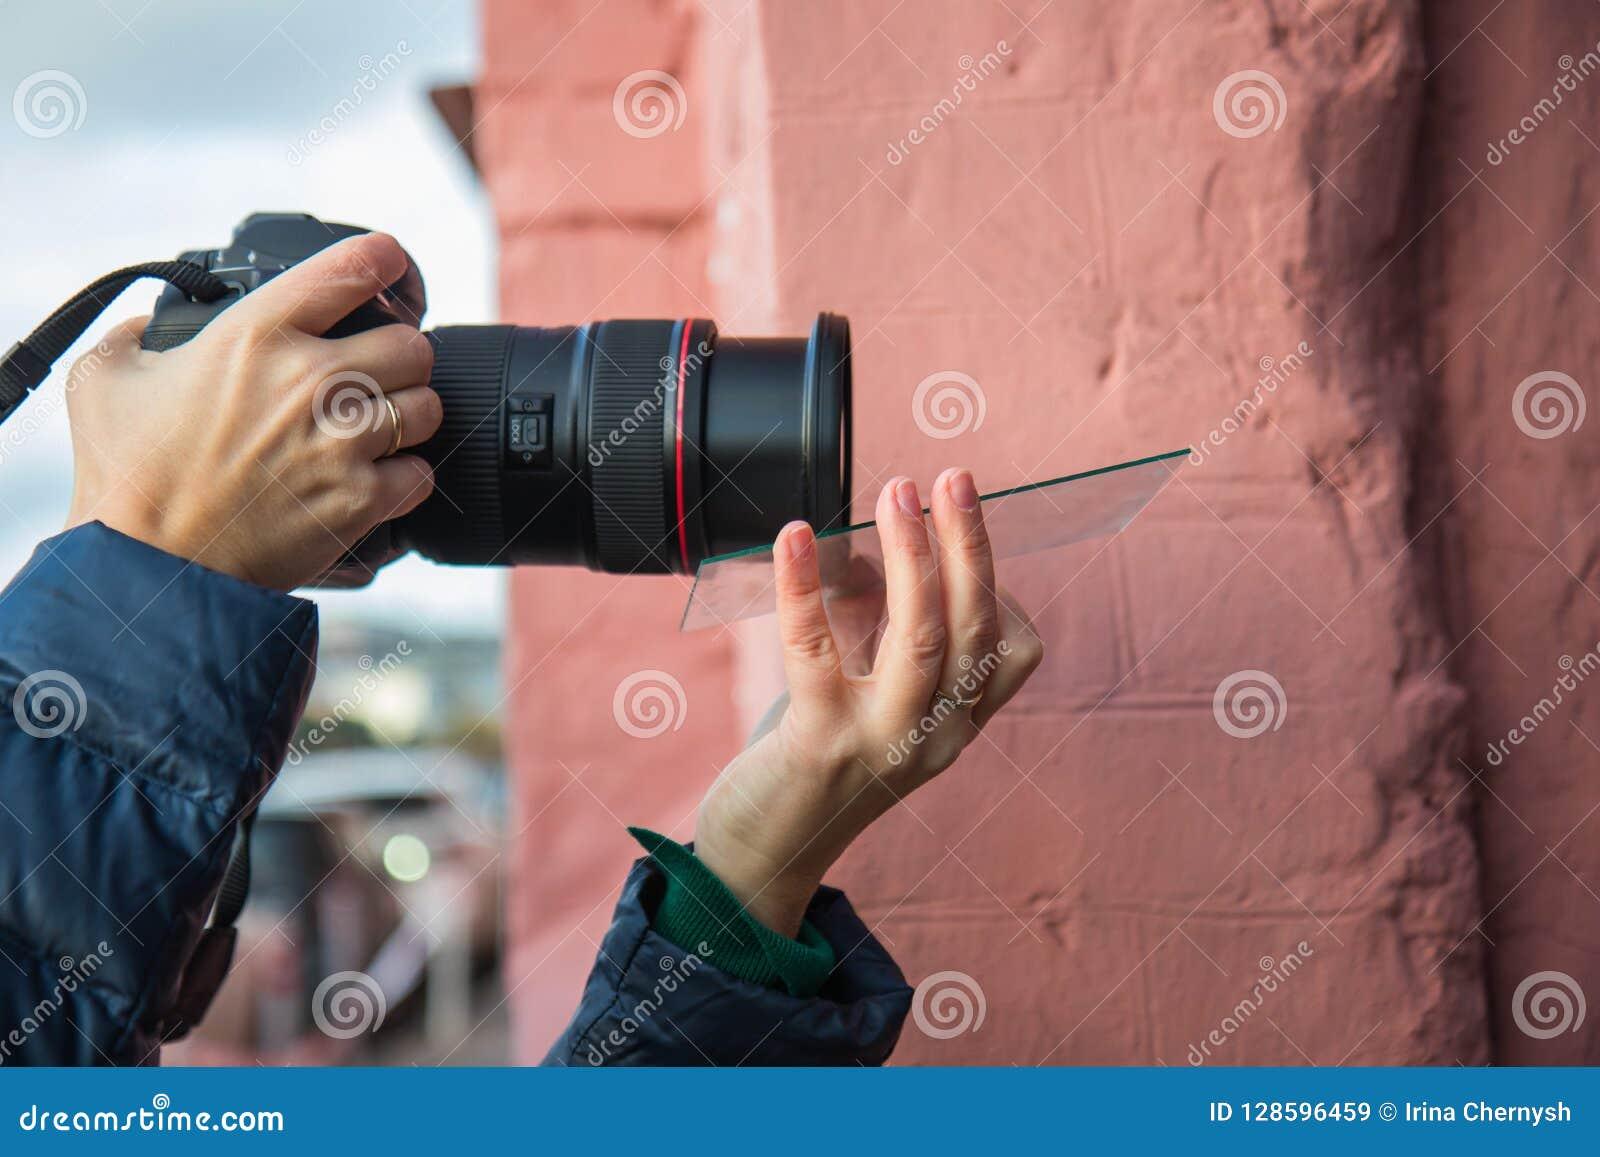 Ένας φωτογράφος που χρησιμοποιεί τις πρόσθετες συσκευές για να πάρει τα αποτελέσματα σε μια φωτογραφία